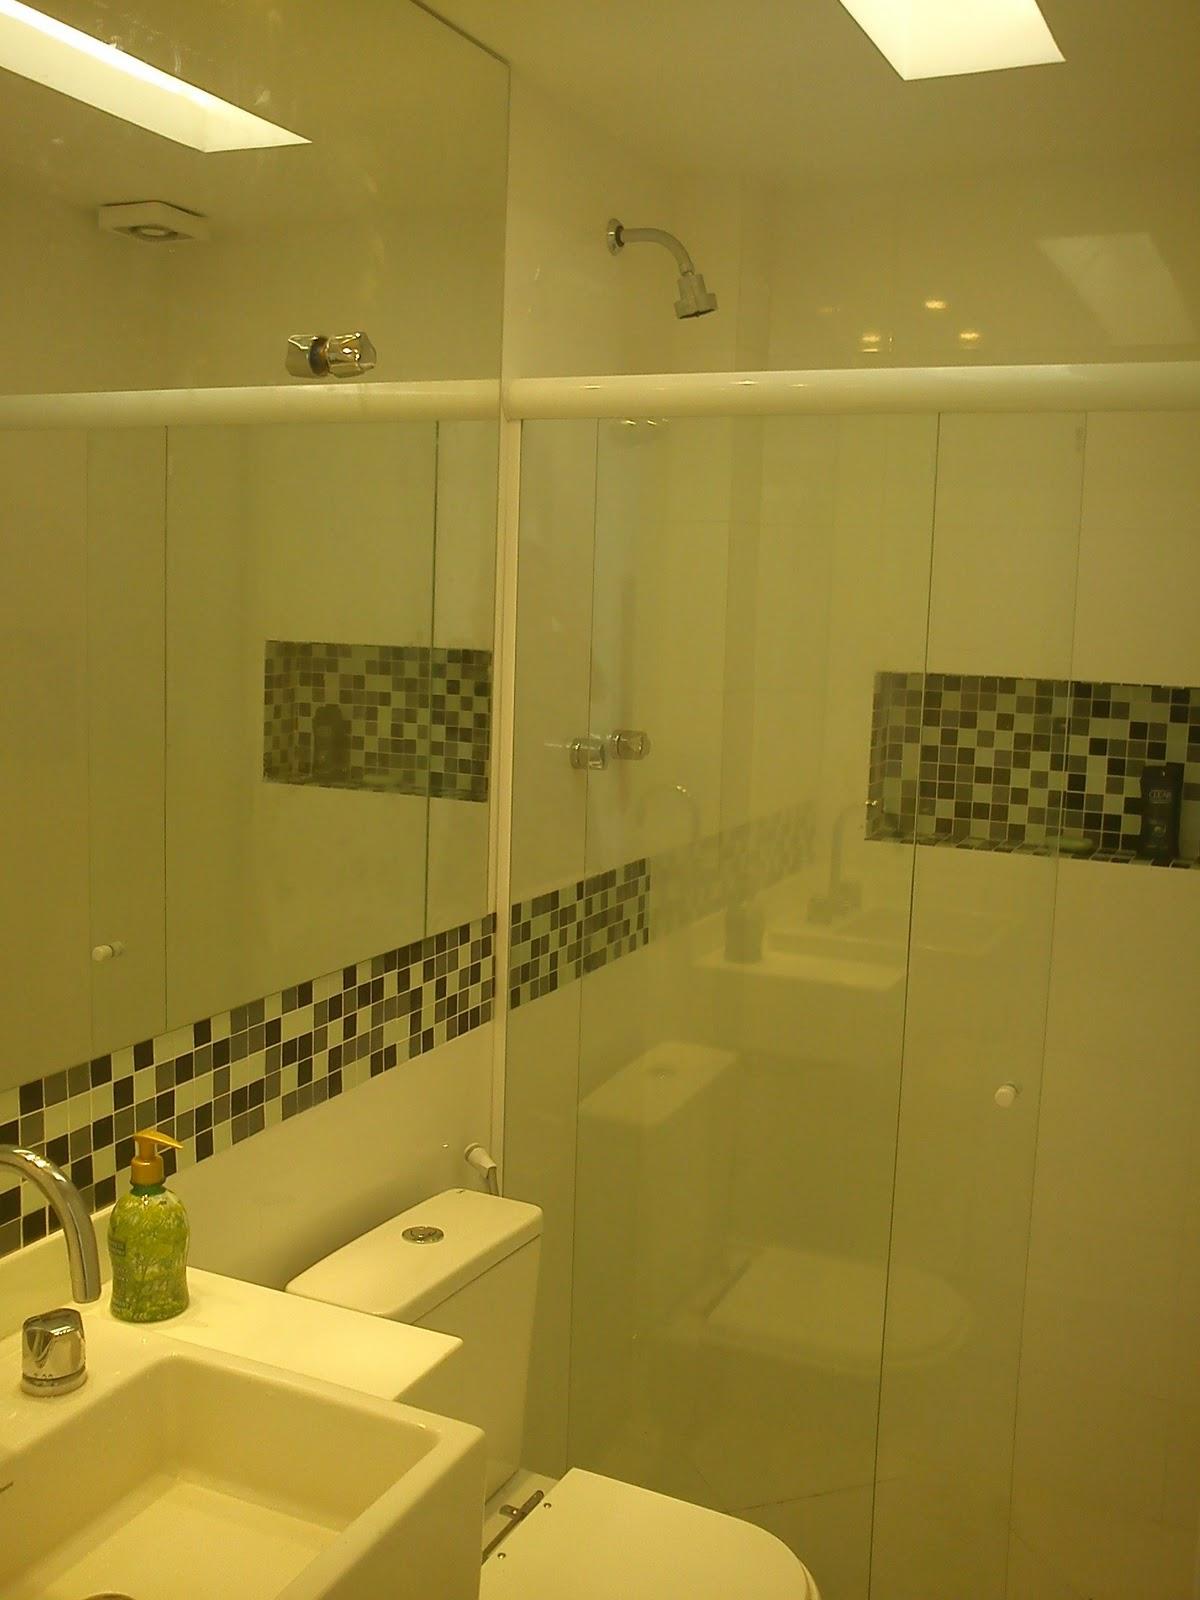 LAR EM CONSTRUÇÃO: Banheiro o que fazer? #BDAC0E 1200 1600